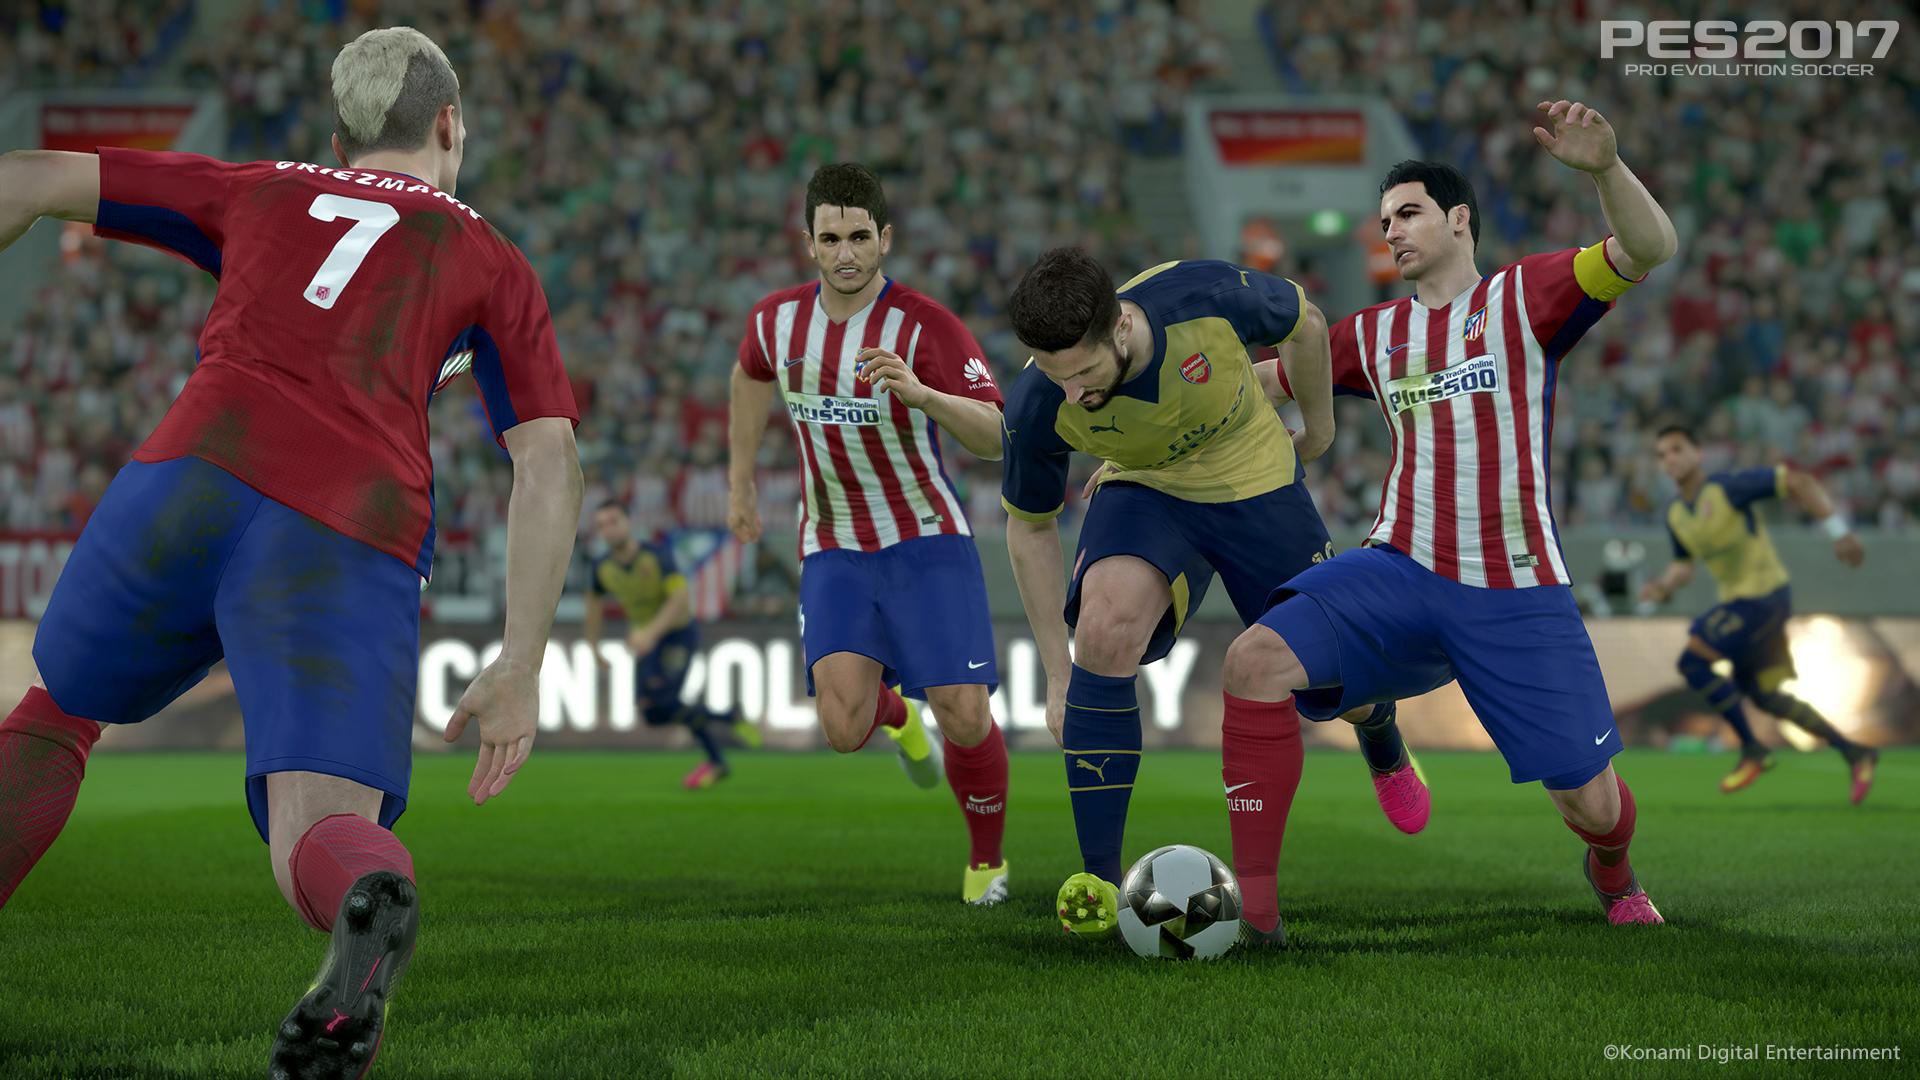 3080091-pes2017-e3-concept_arrange_1465906718.jpg - Pro Evolution Soccer 2017